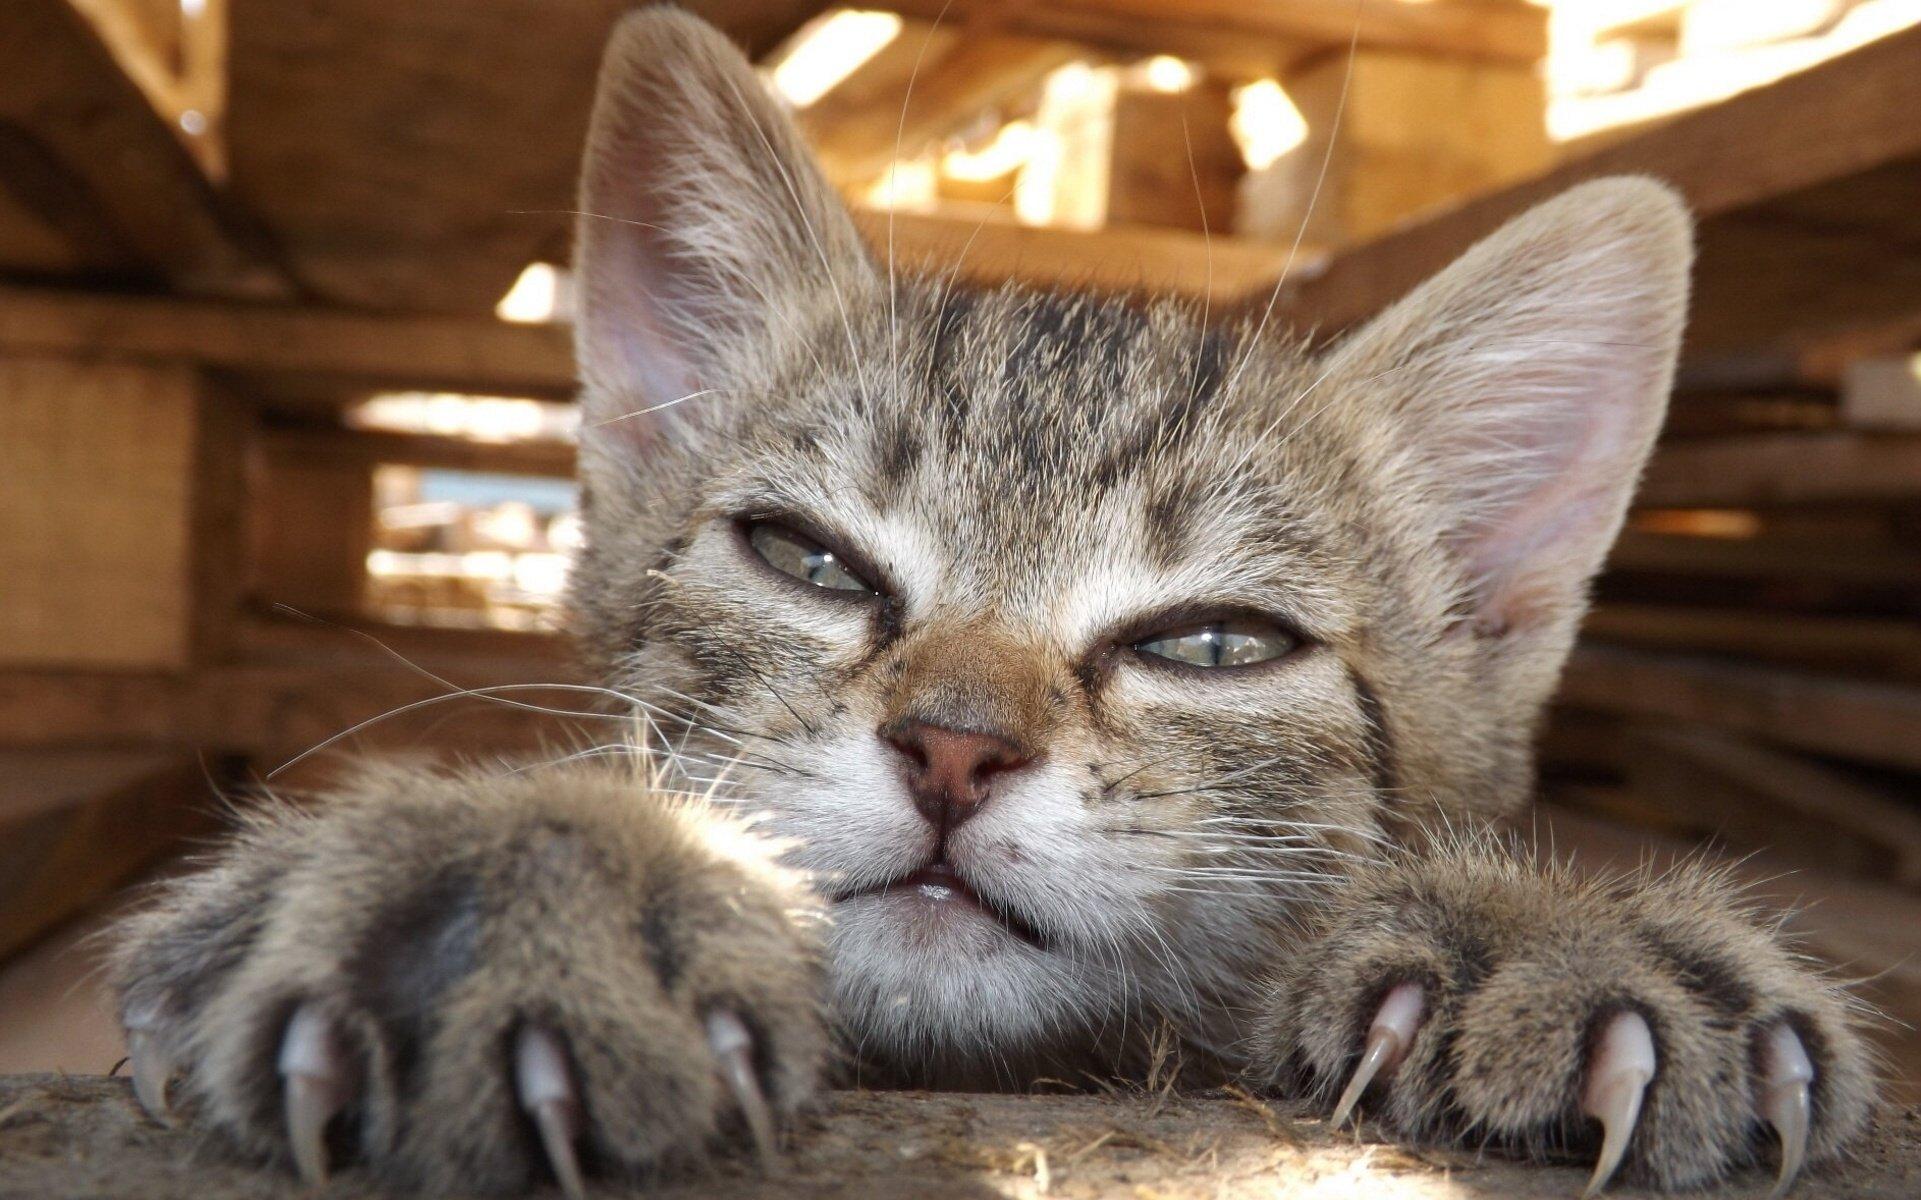 Как правильно подстричь кошке когти в домашних условиях?